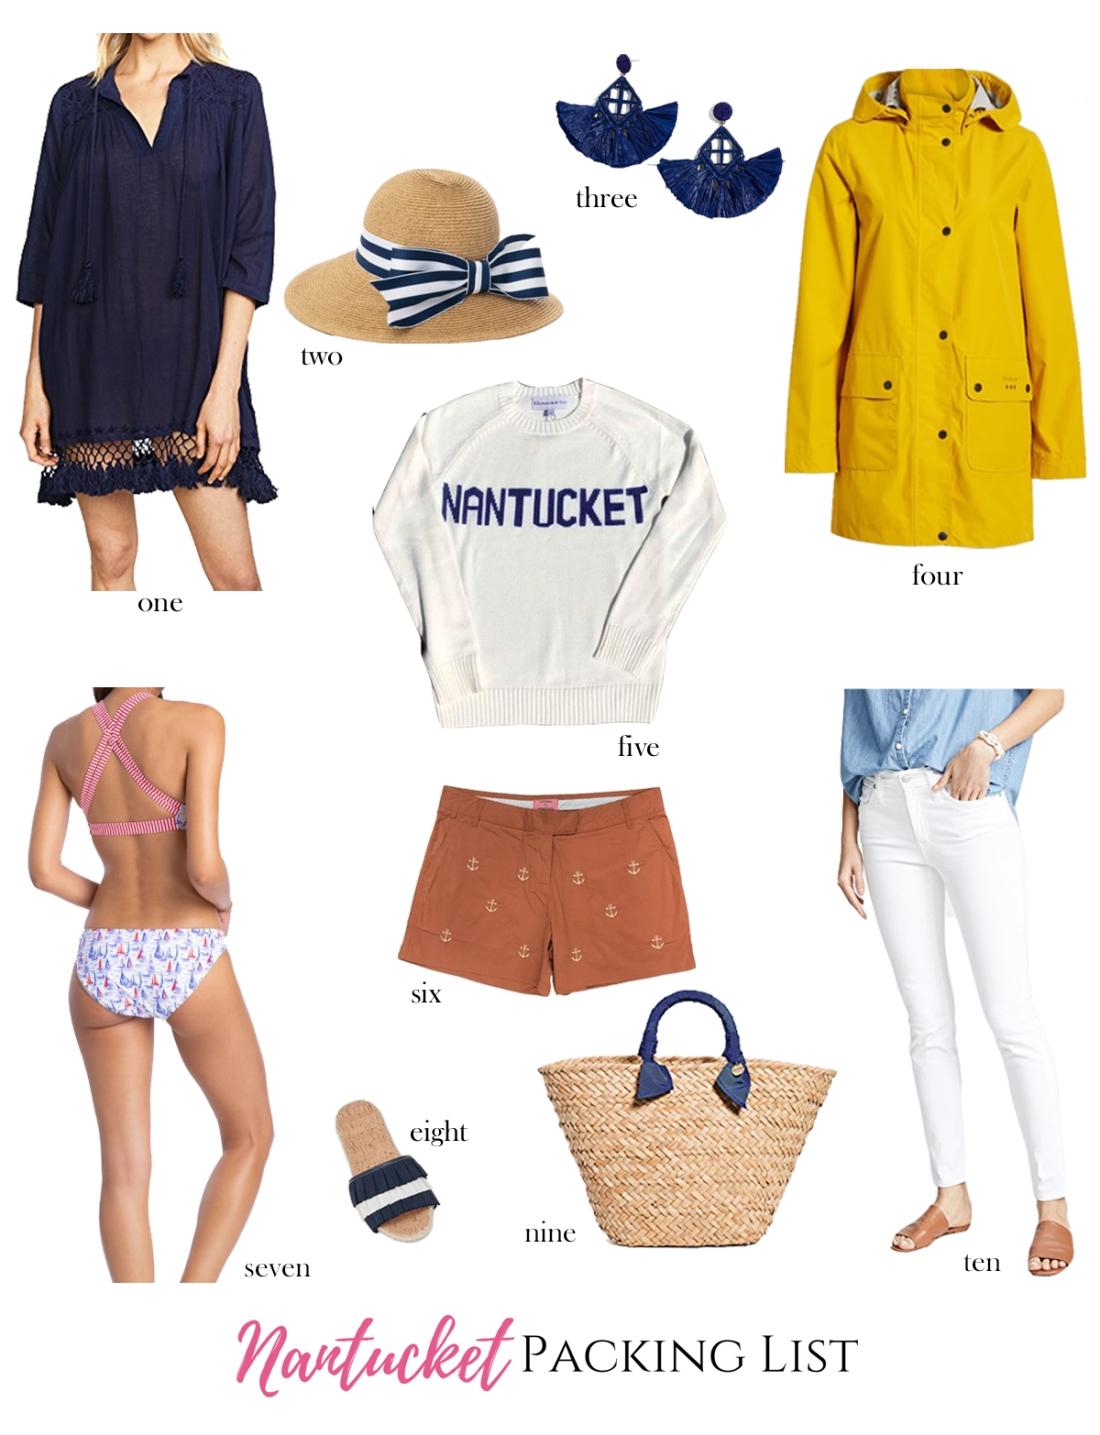 summer packing list for Nantucket, Massachusetts